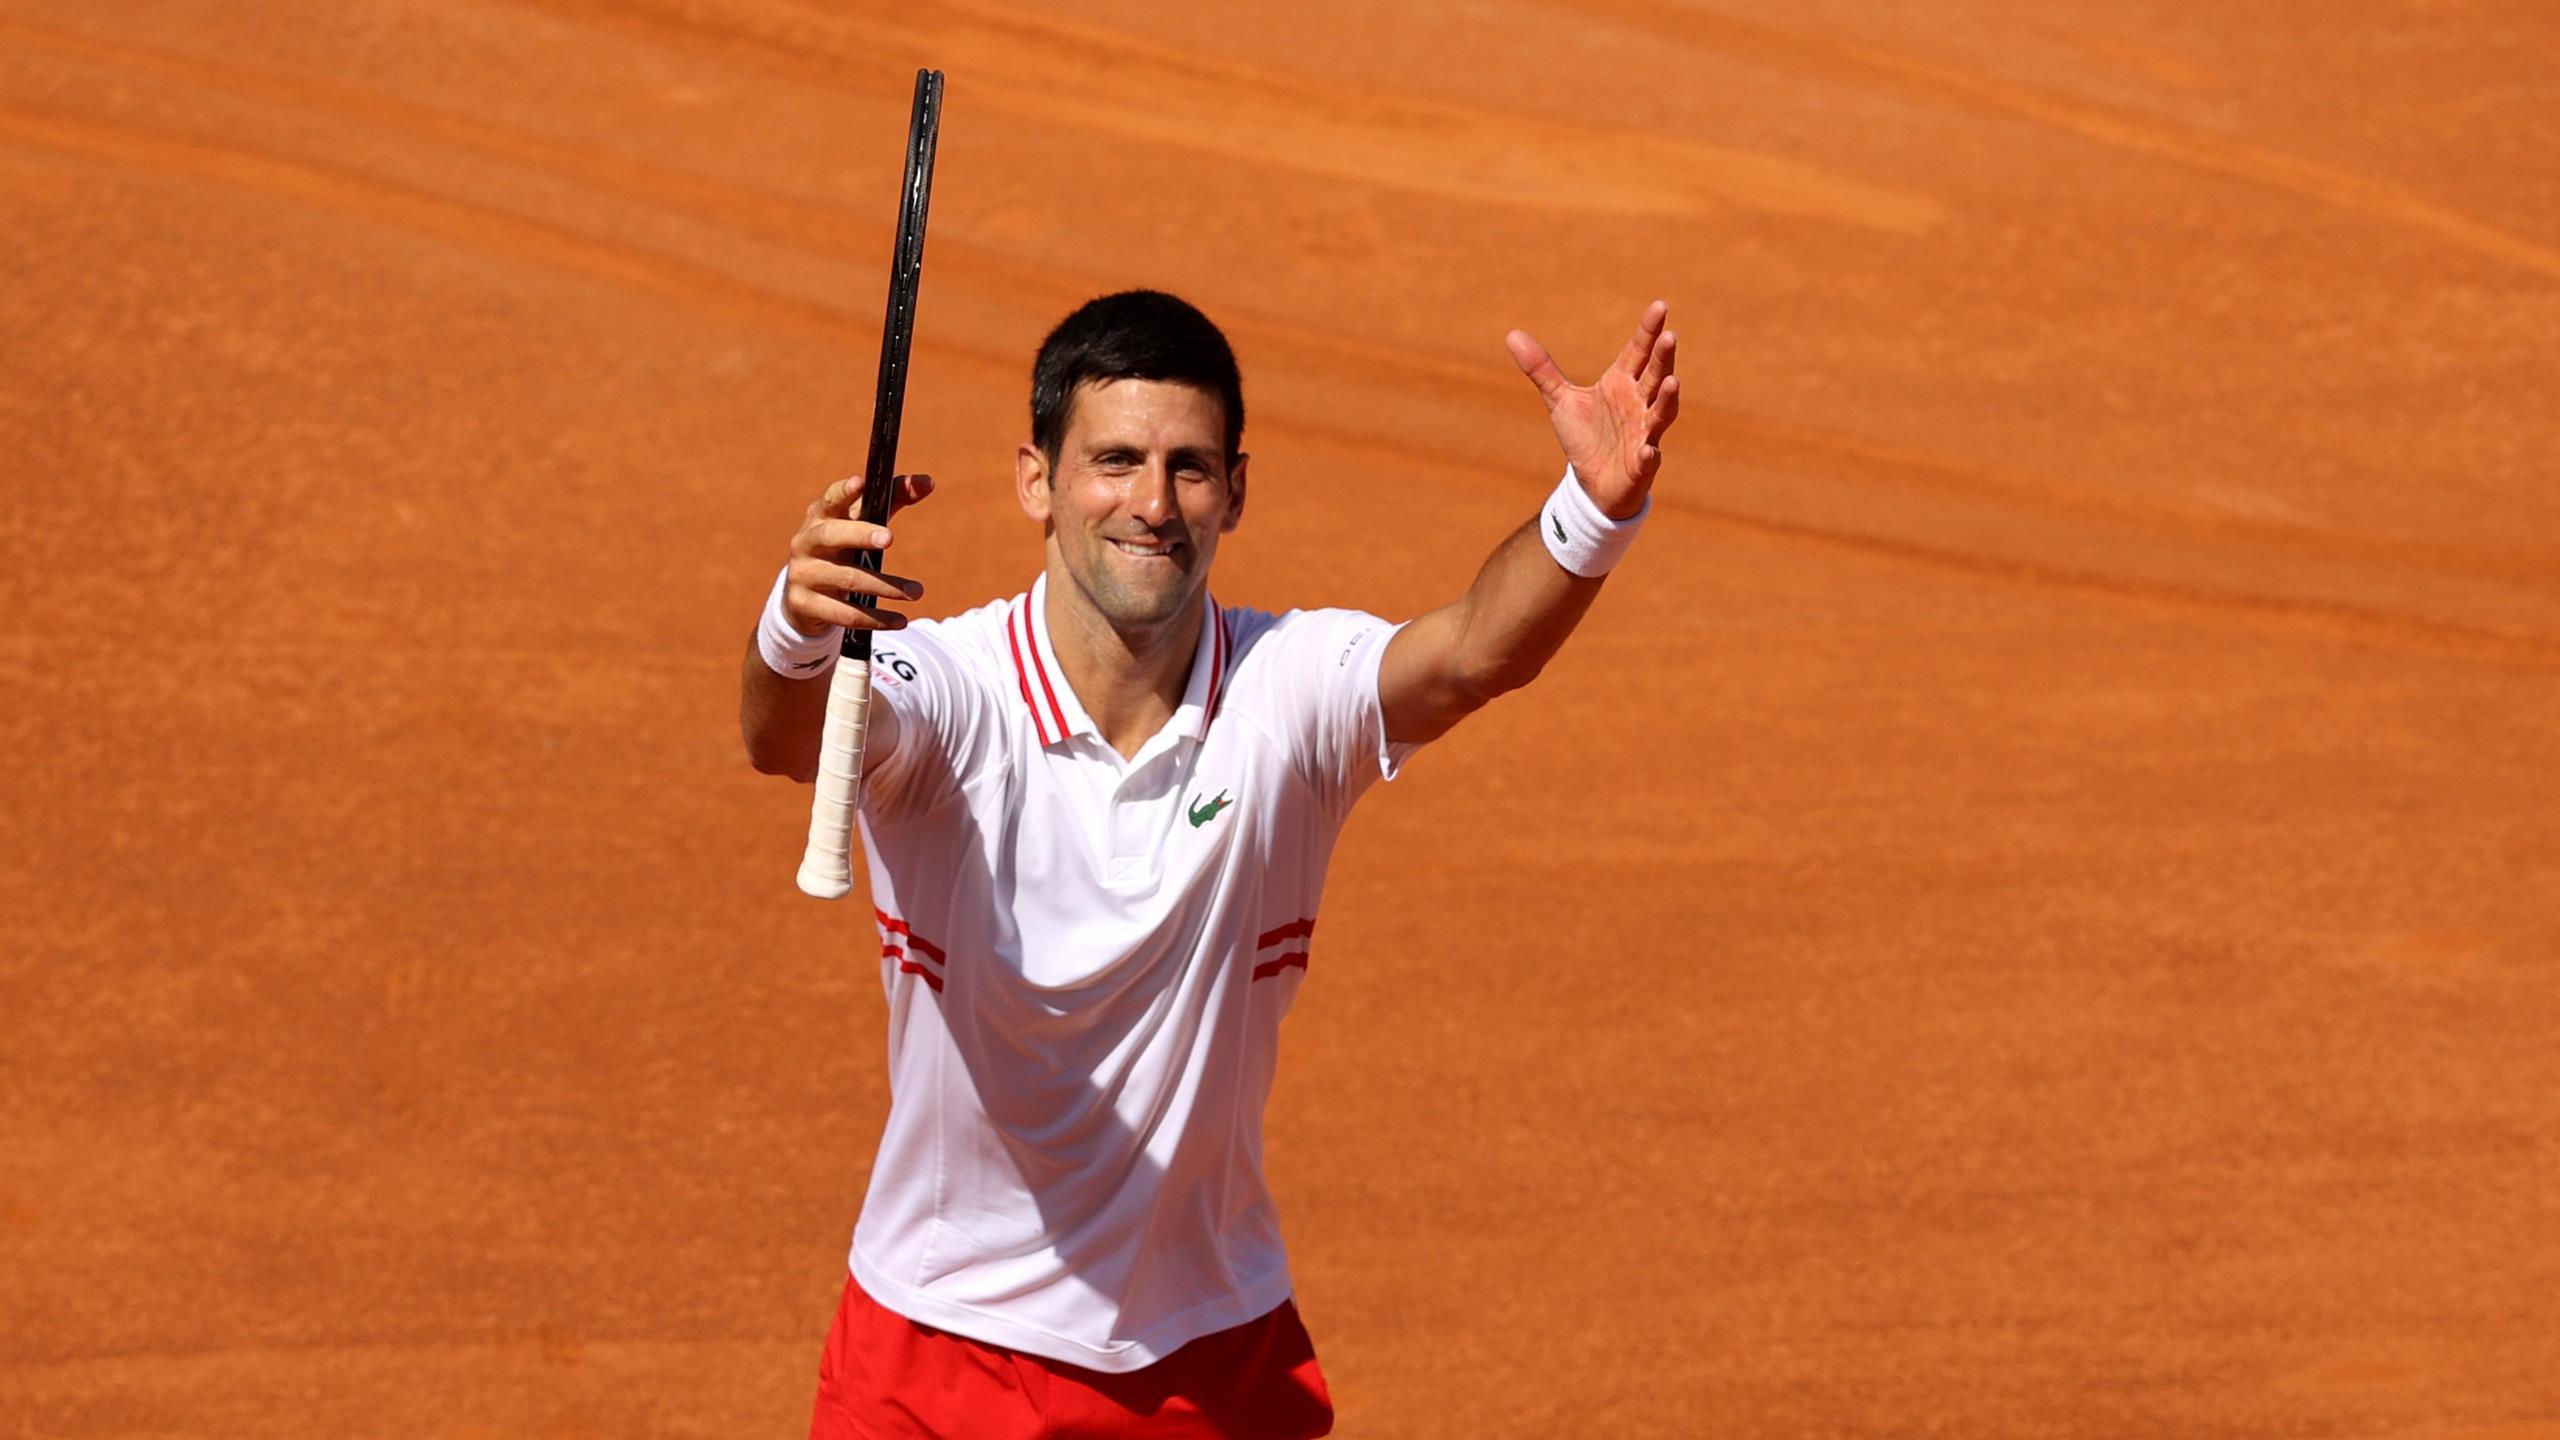 Un break concédé et la machine Djokovic s'est enclenchée : le résumé de sa balade